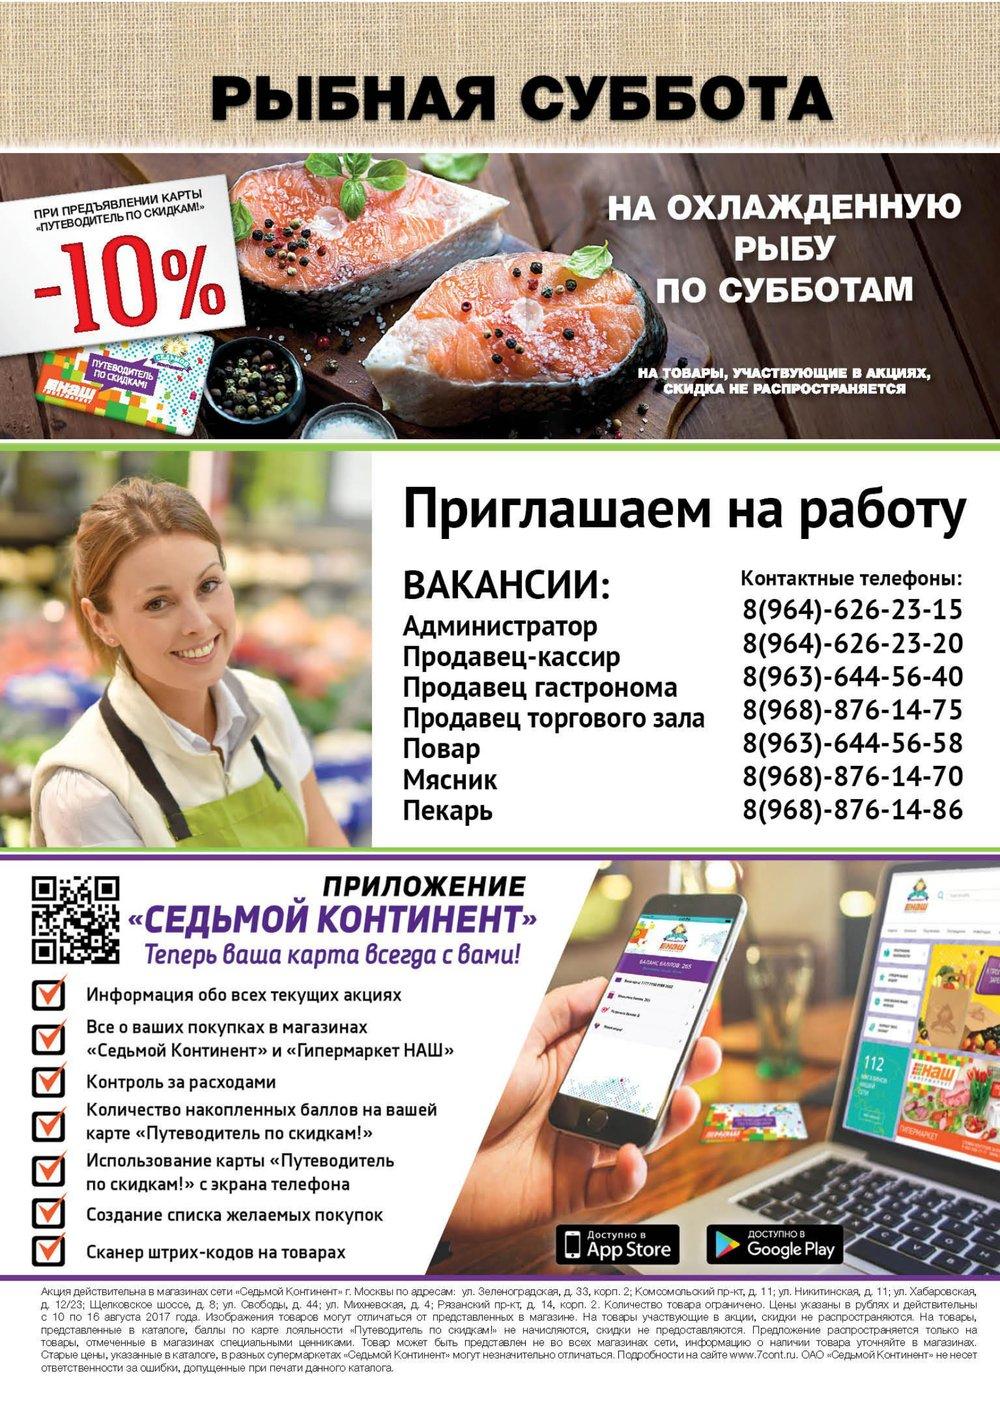 Ашан  акции в магазинах Ашан сегодня в Москве  2017